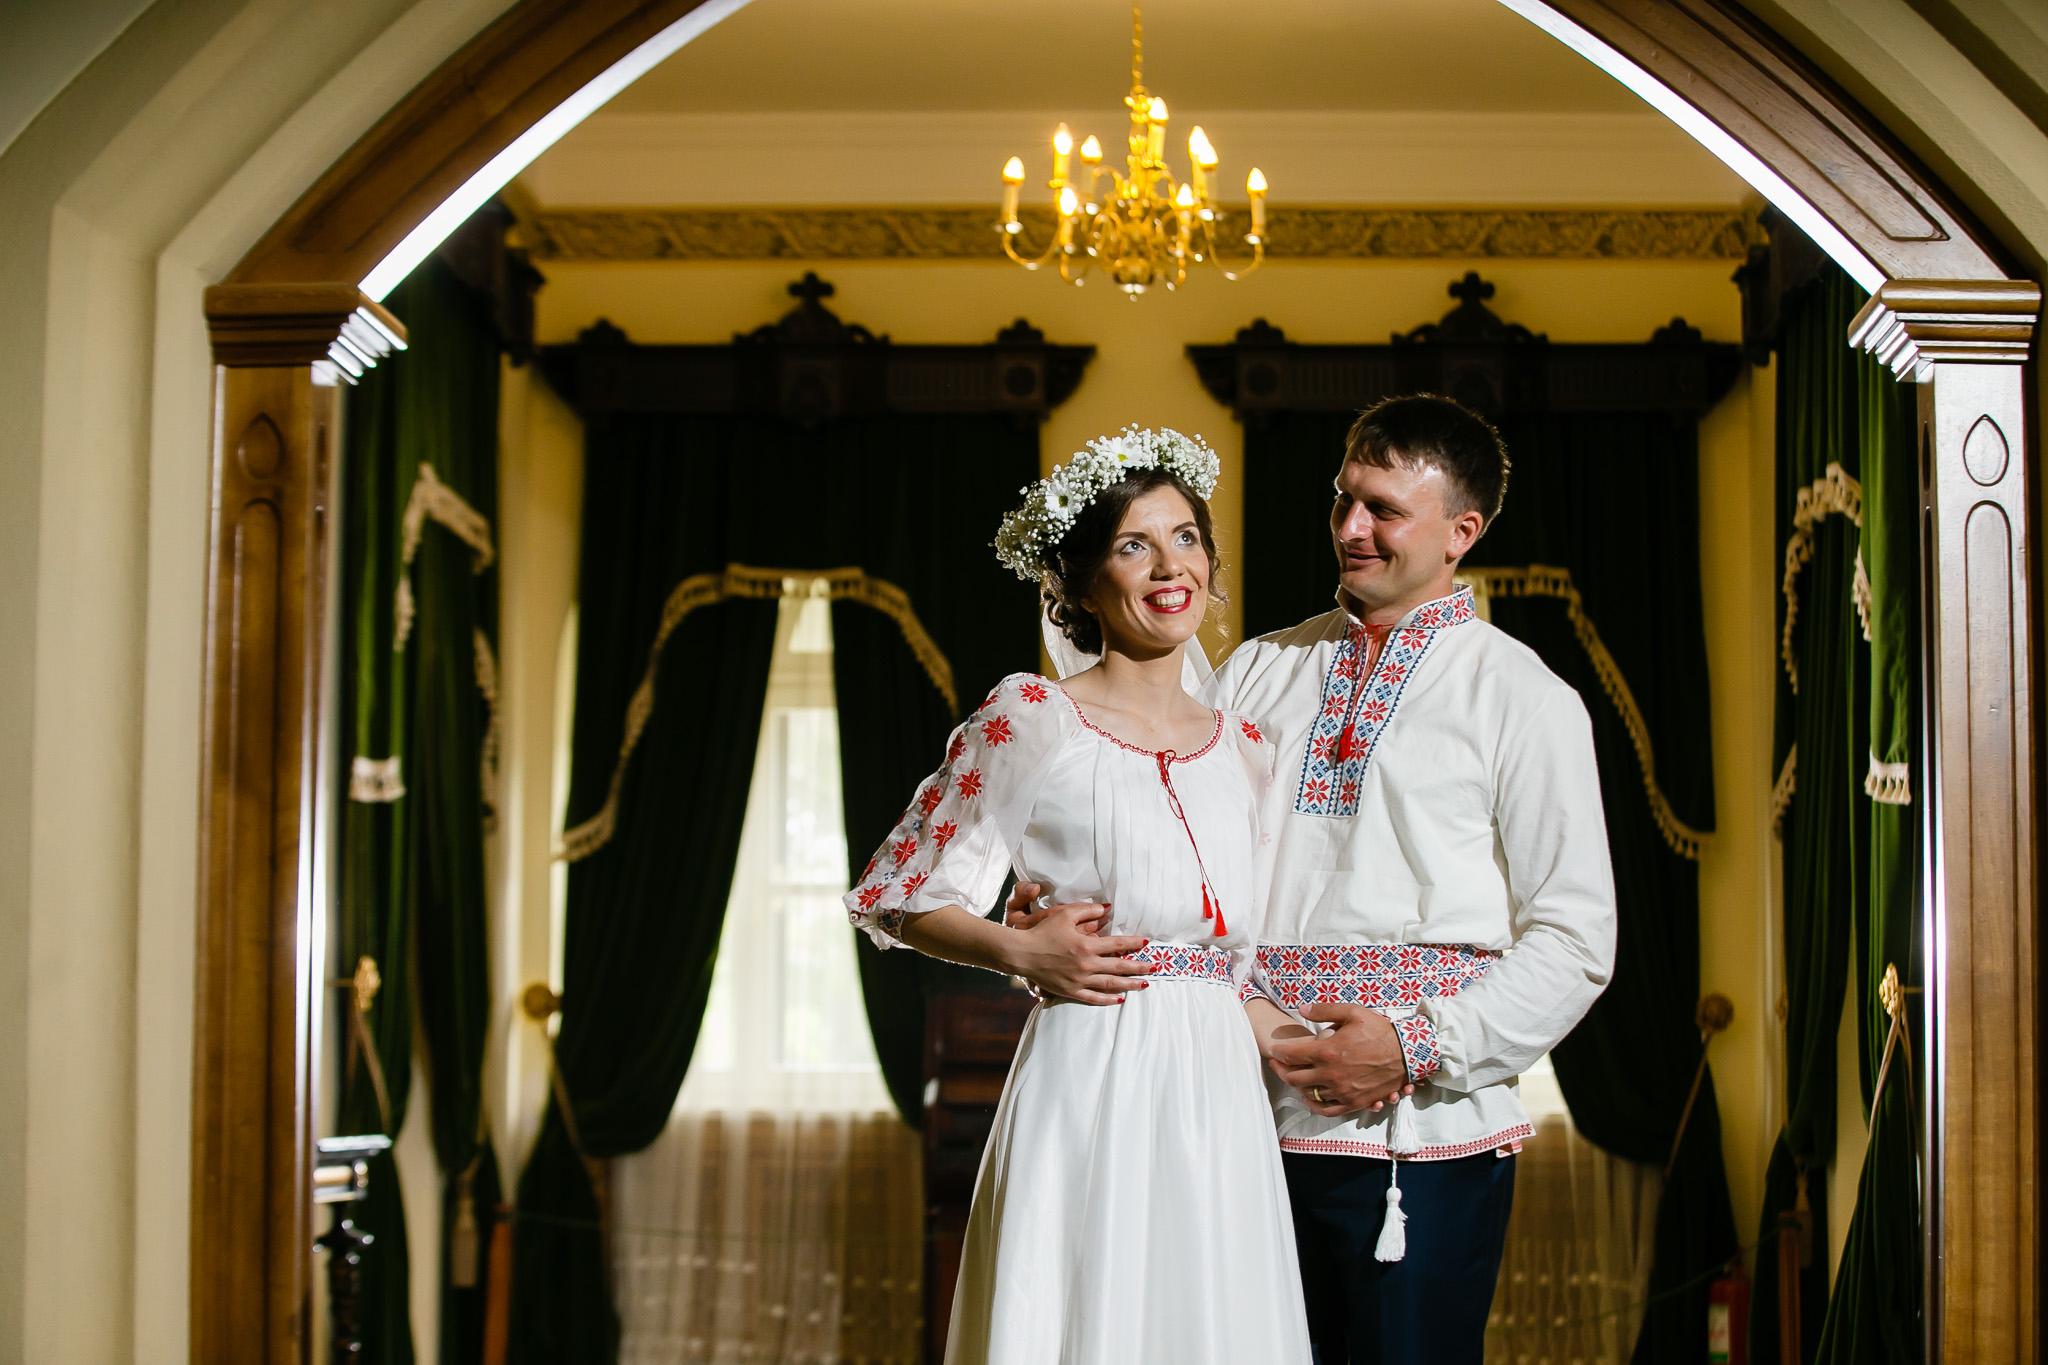 Nuntă tradițională Elisabeta și Alexandru fotograf profesionist nunta Iasi www.paulpadurariu.ro © 2018 Paul Padurariu fotograf de nunta Iasi sedinta foto miri 10